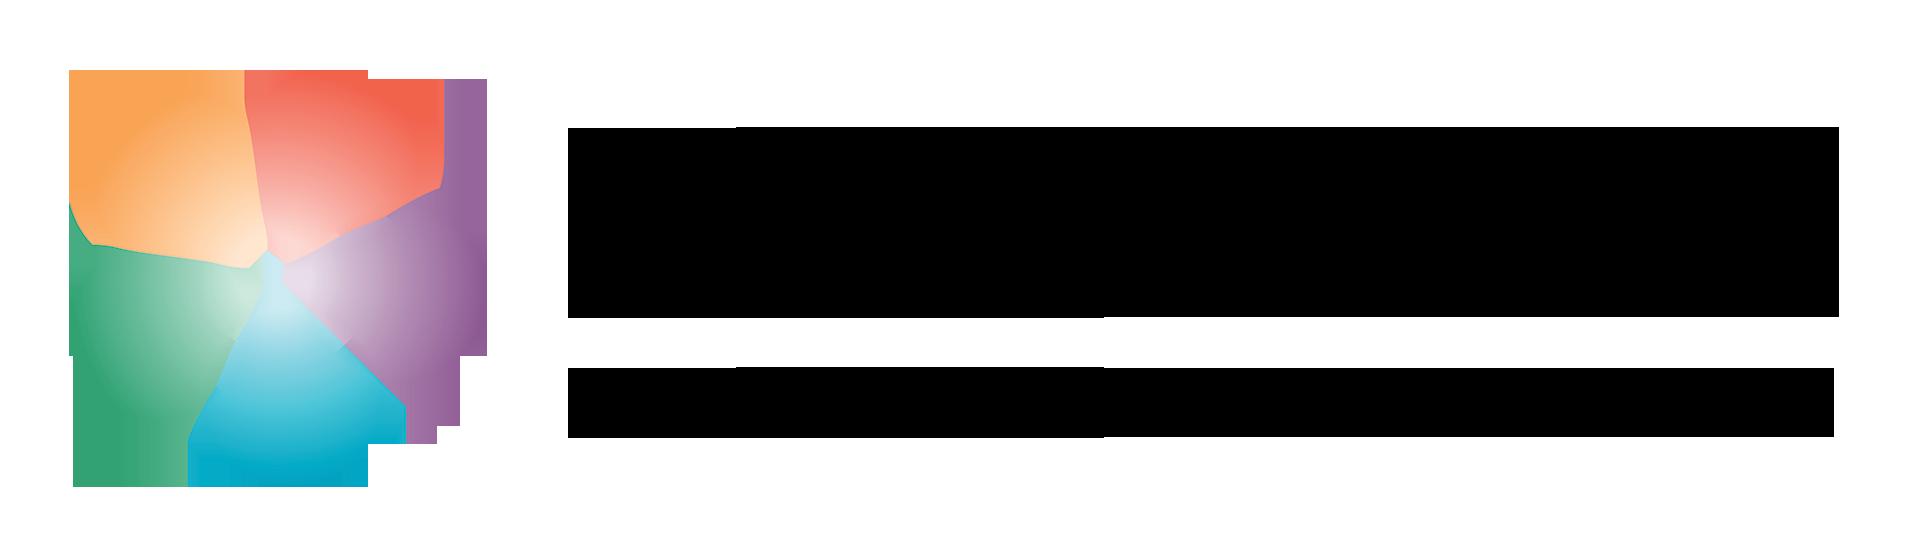 LUMA-keskus Suomen logo, jossa oikealla keskuksen nimi suomeksi, ruotsiksi ja englanniksi. Vasemmalla on lumakukka.